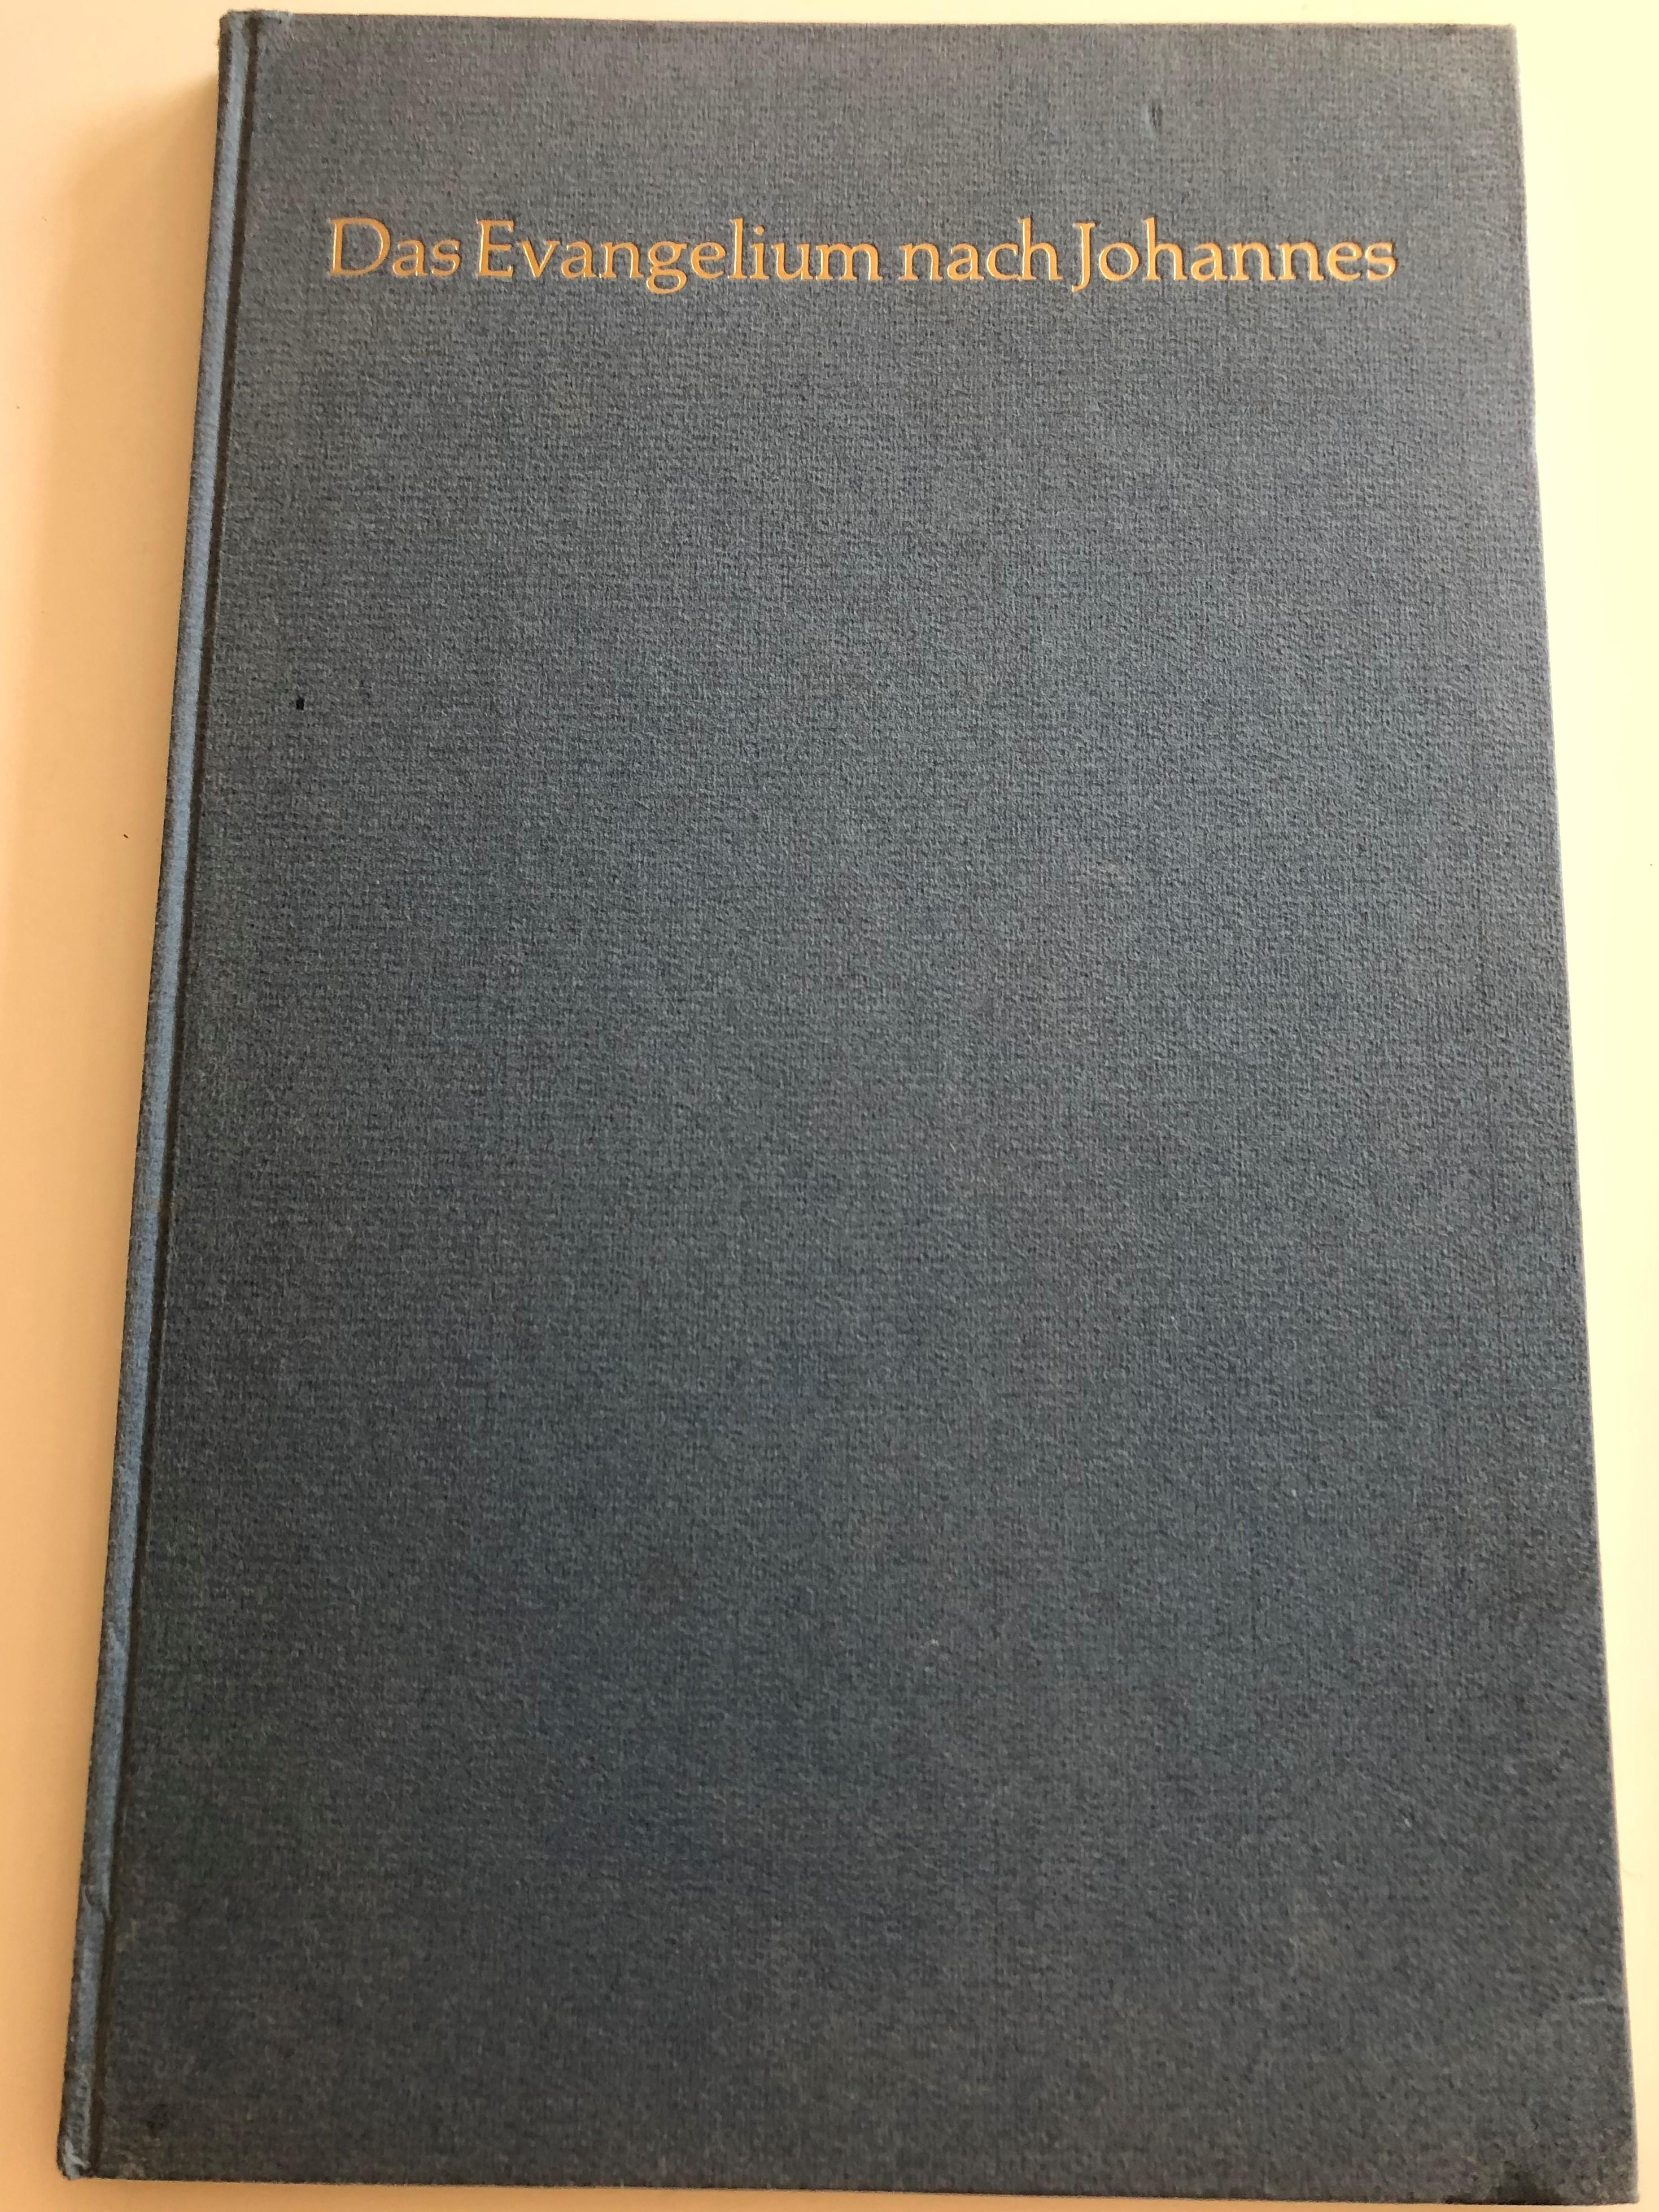 das-evangelium-nach-johannes-german-language-gospel-according-to-john-1.jpg